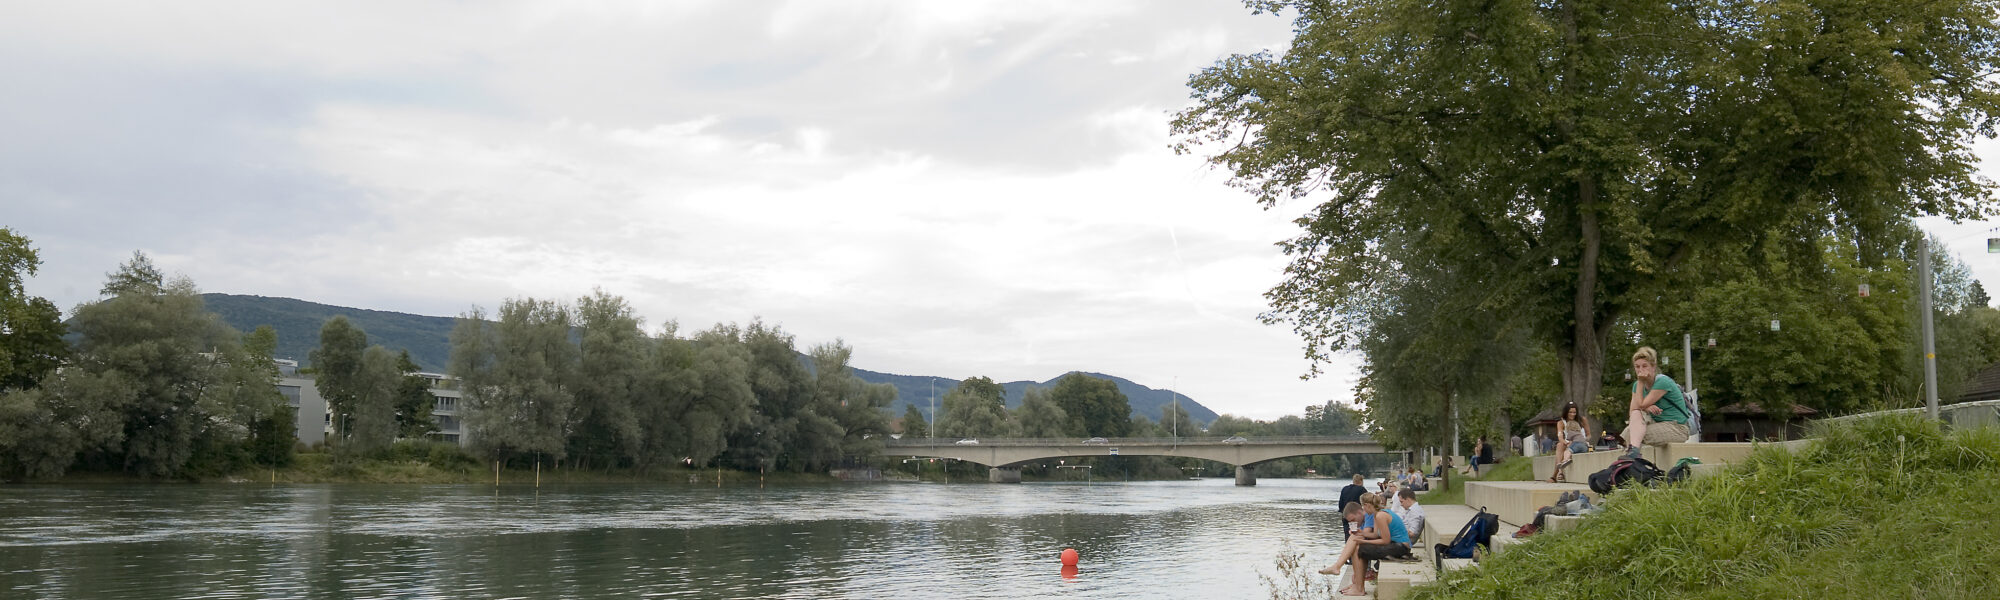 Aareraum und Auenpark